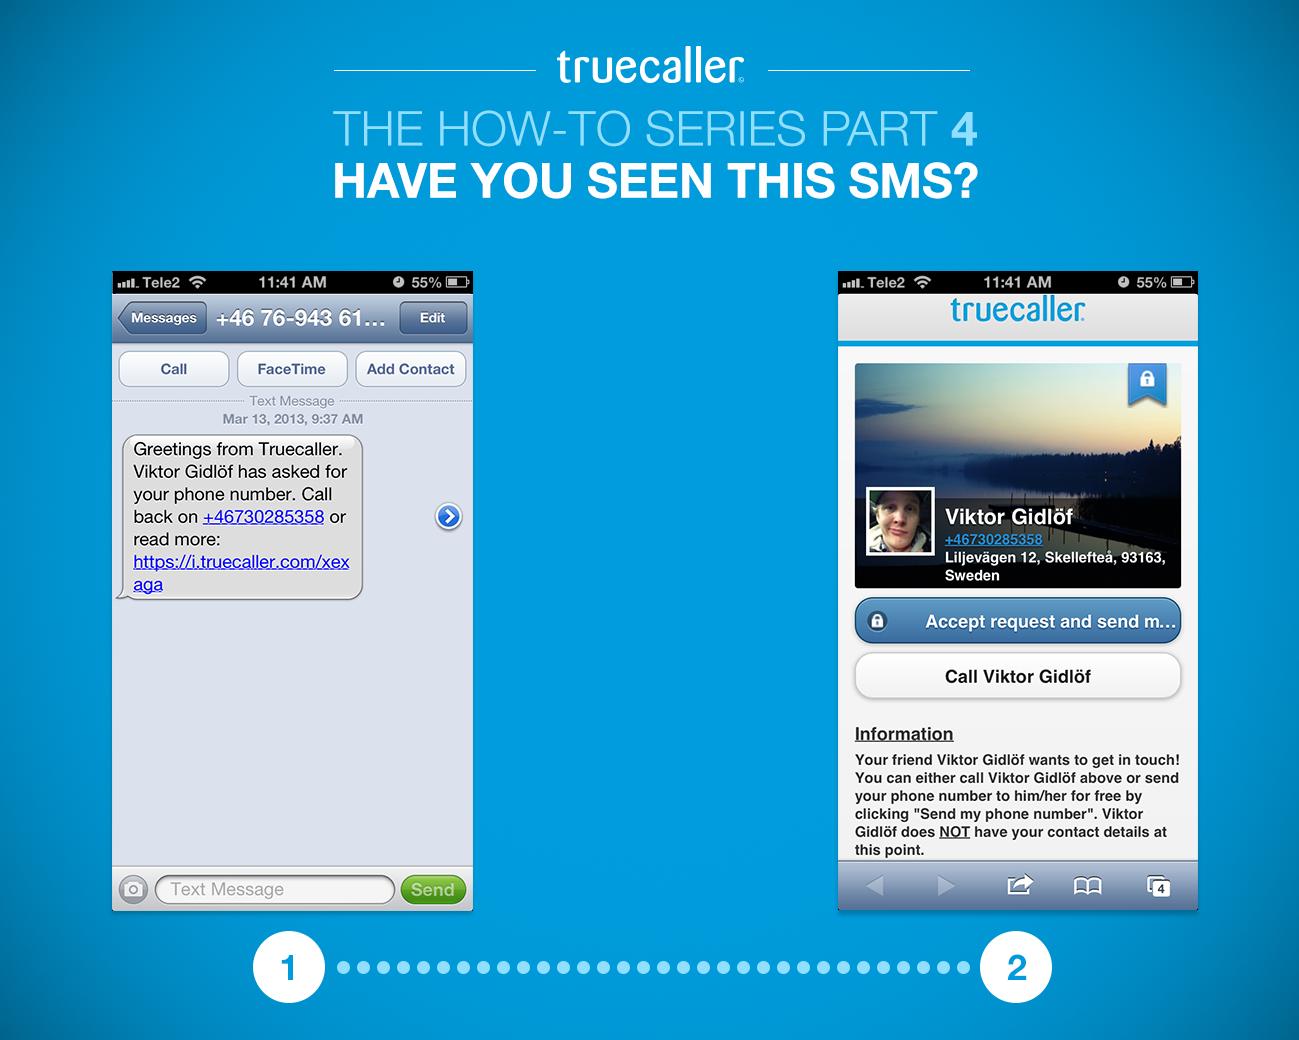 truecaller smartphones mobileapps Facetime